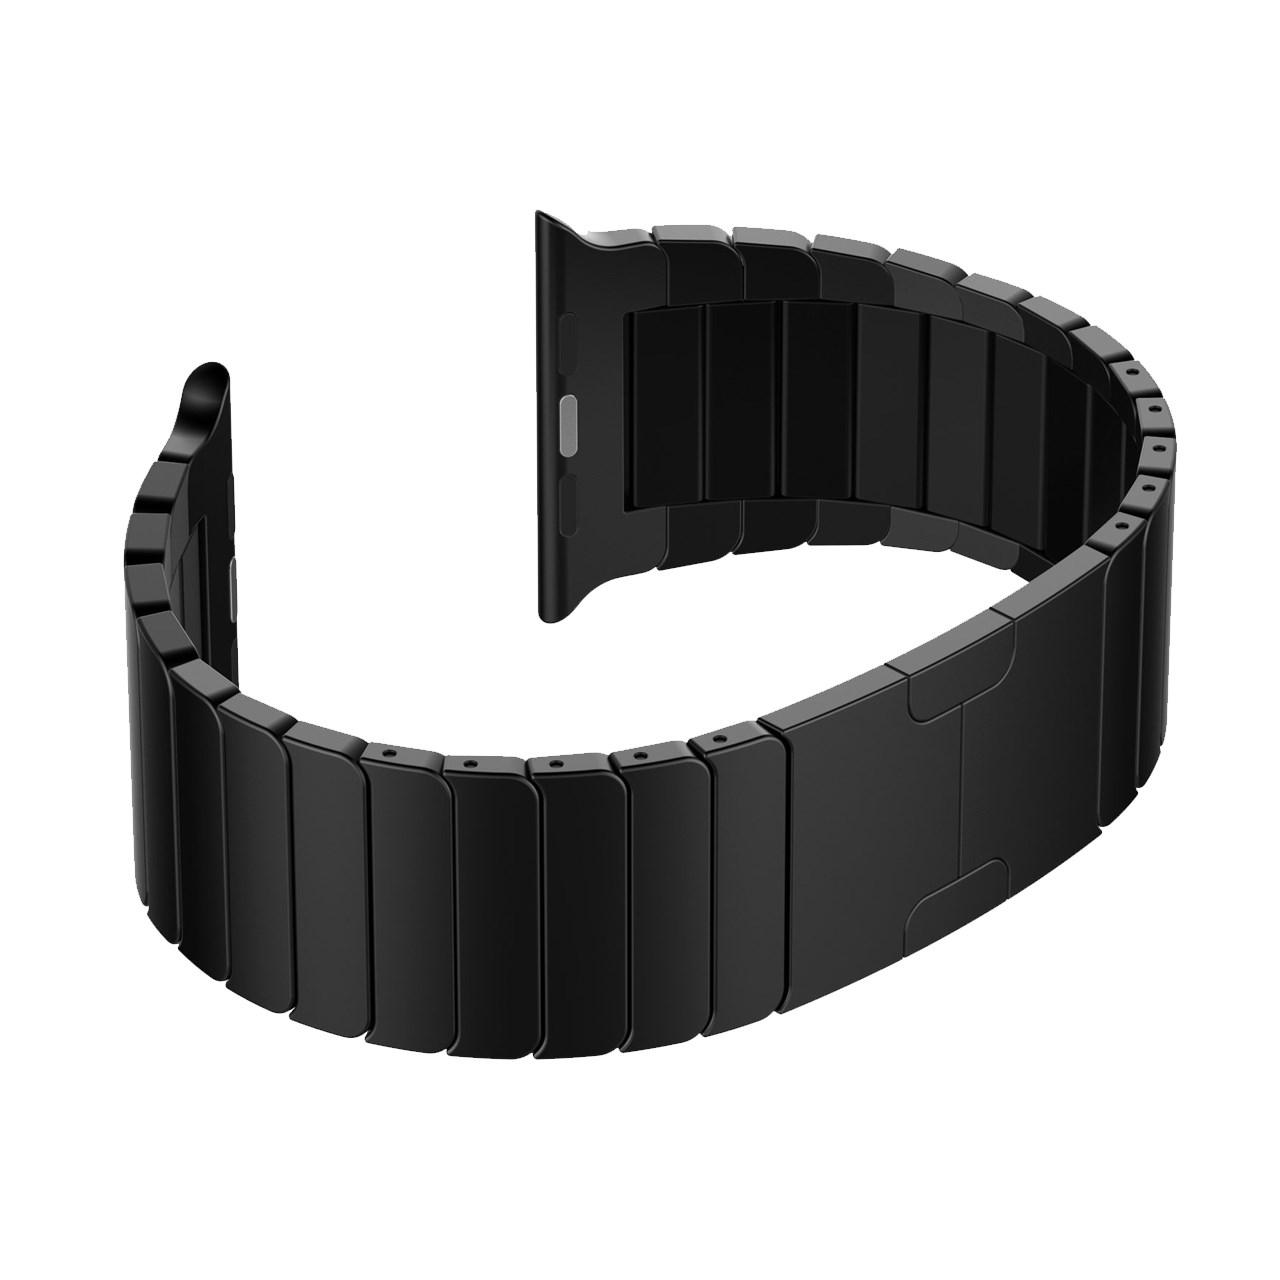 بررسی و {خرید با تخفیف} بند فلزی مدل Link Bracelet مناسب برای اپل واچ 42 میلی متری اصل